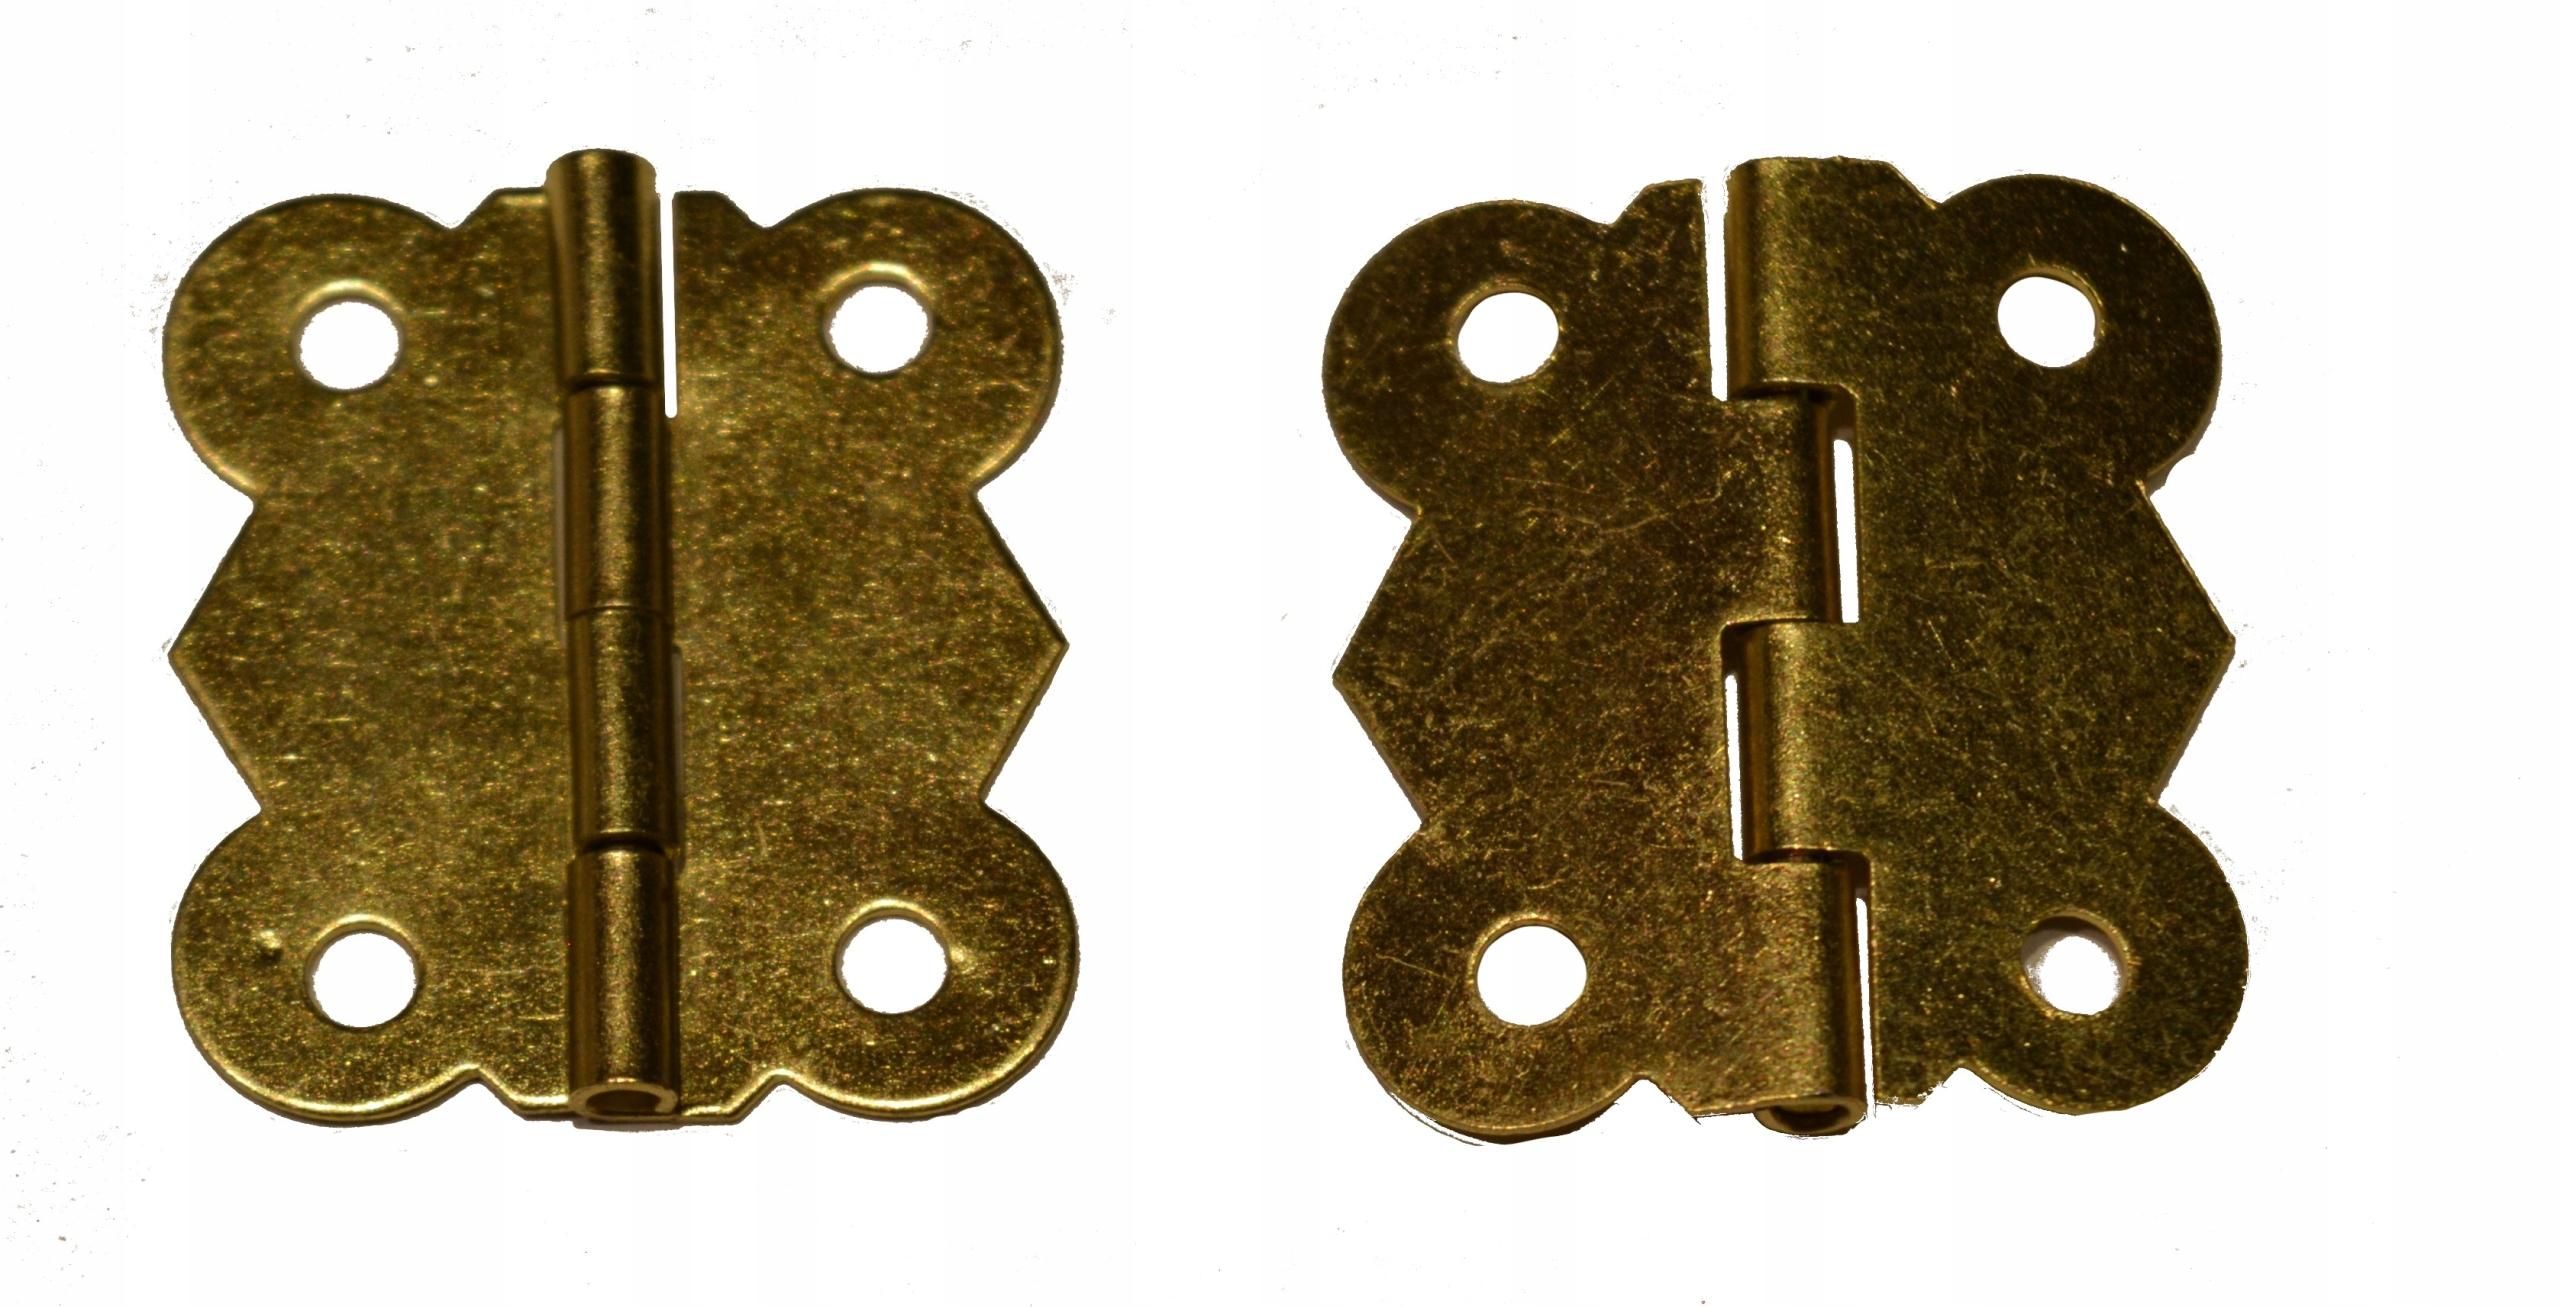 Zawias metalowy złoty do szkatułki pudełka